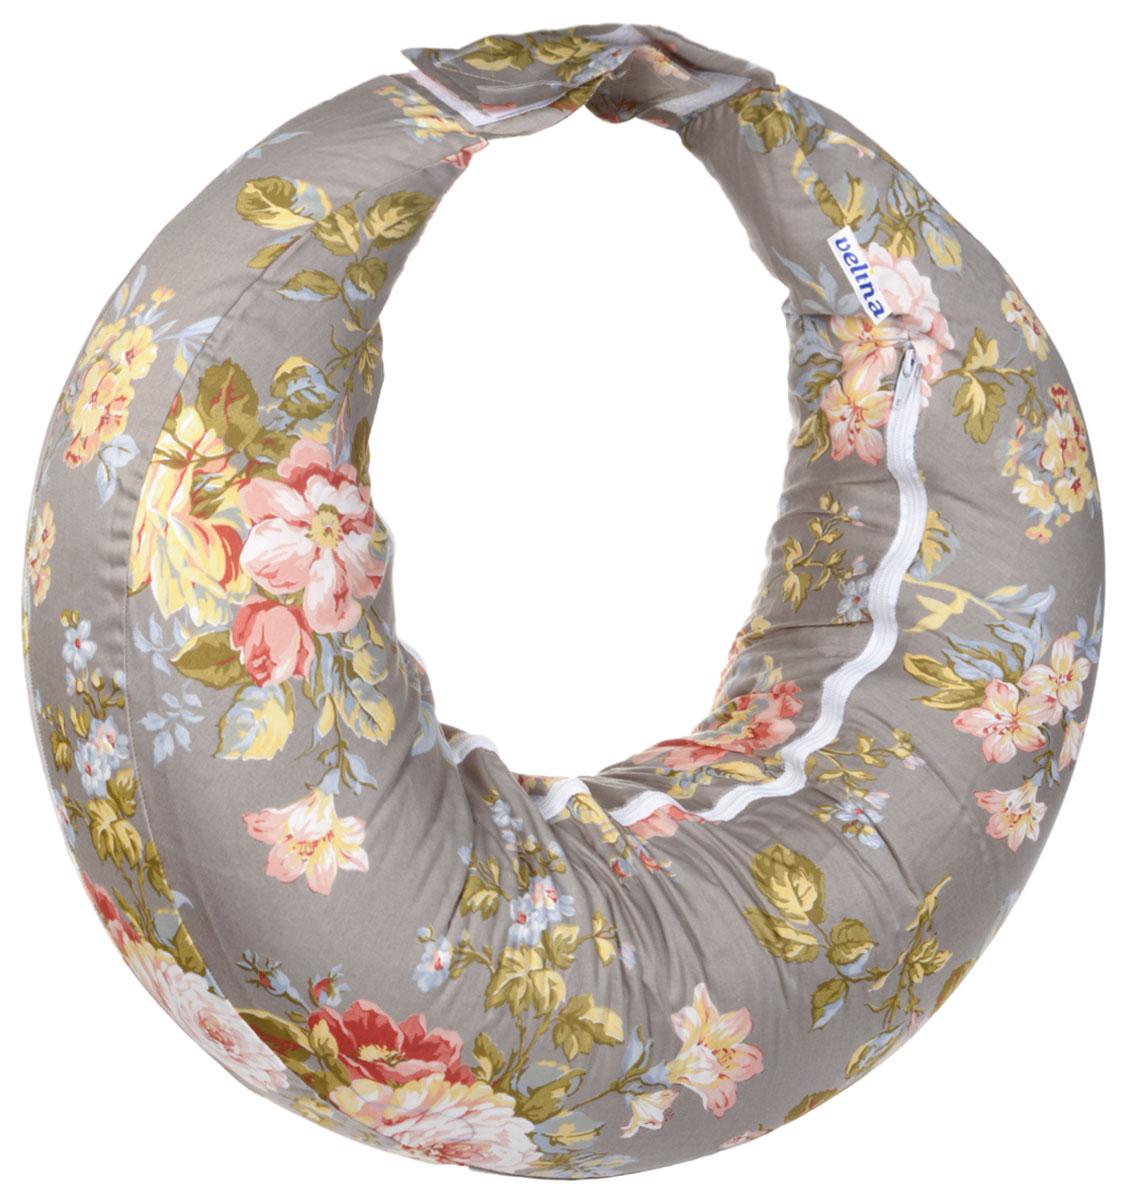 Velina Подушка для беременных и кормления Чайная роза